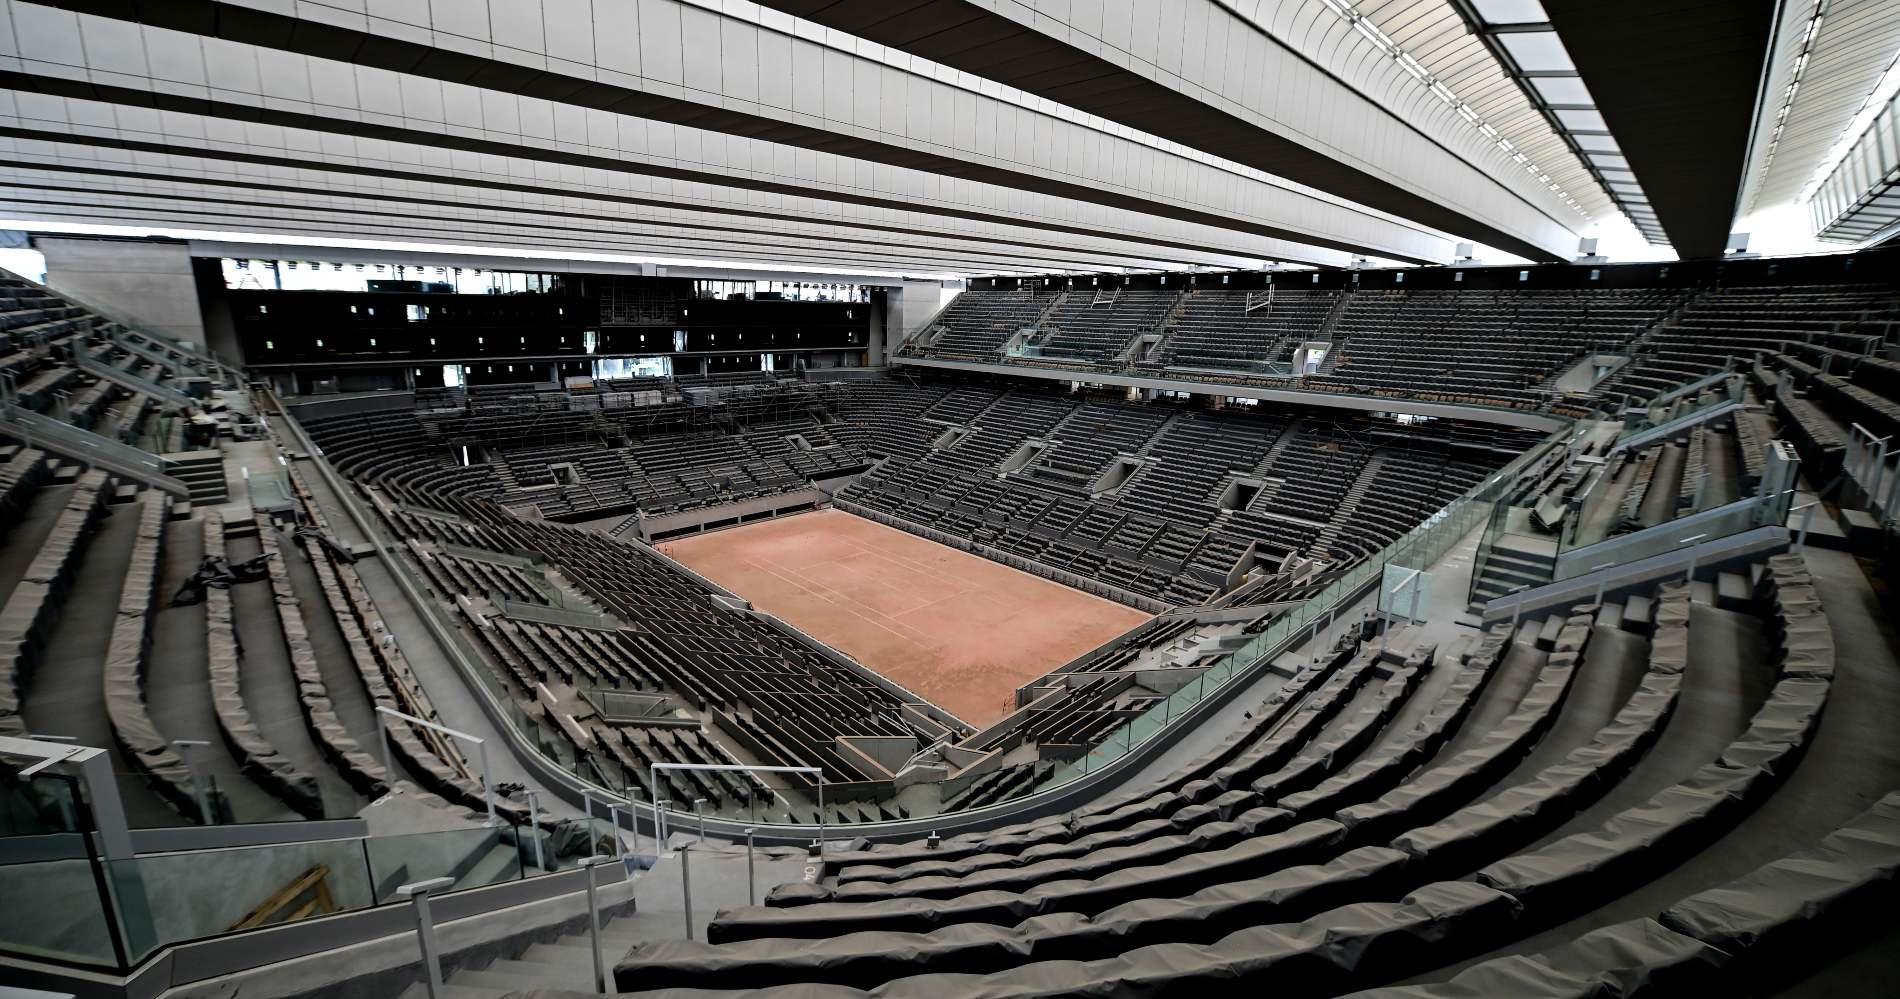 Travaux en cours sur le central de Roland Garros avec l avancee de la pose du toit sur le court Philippe Chatrier